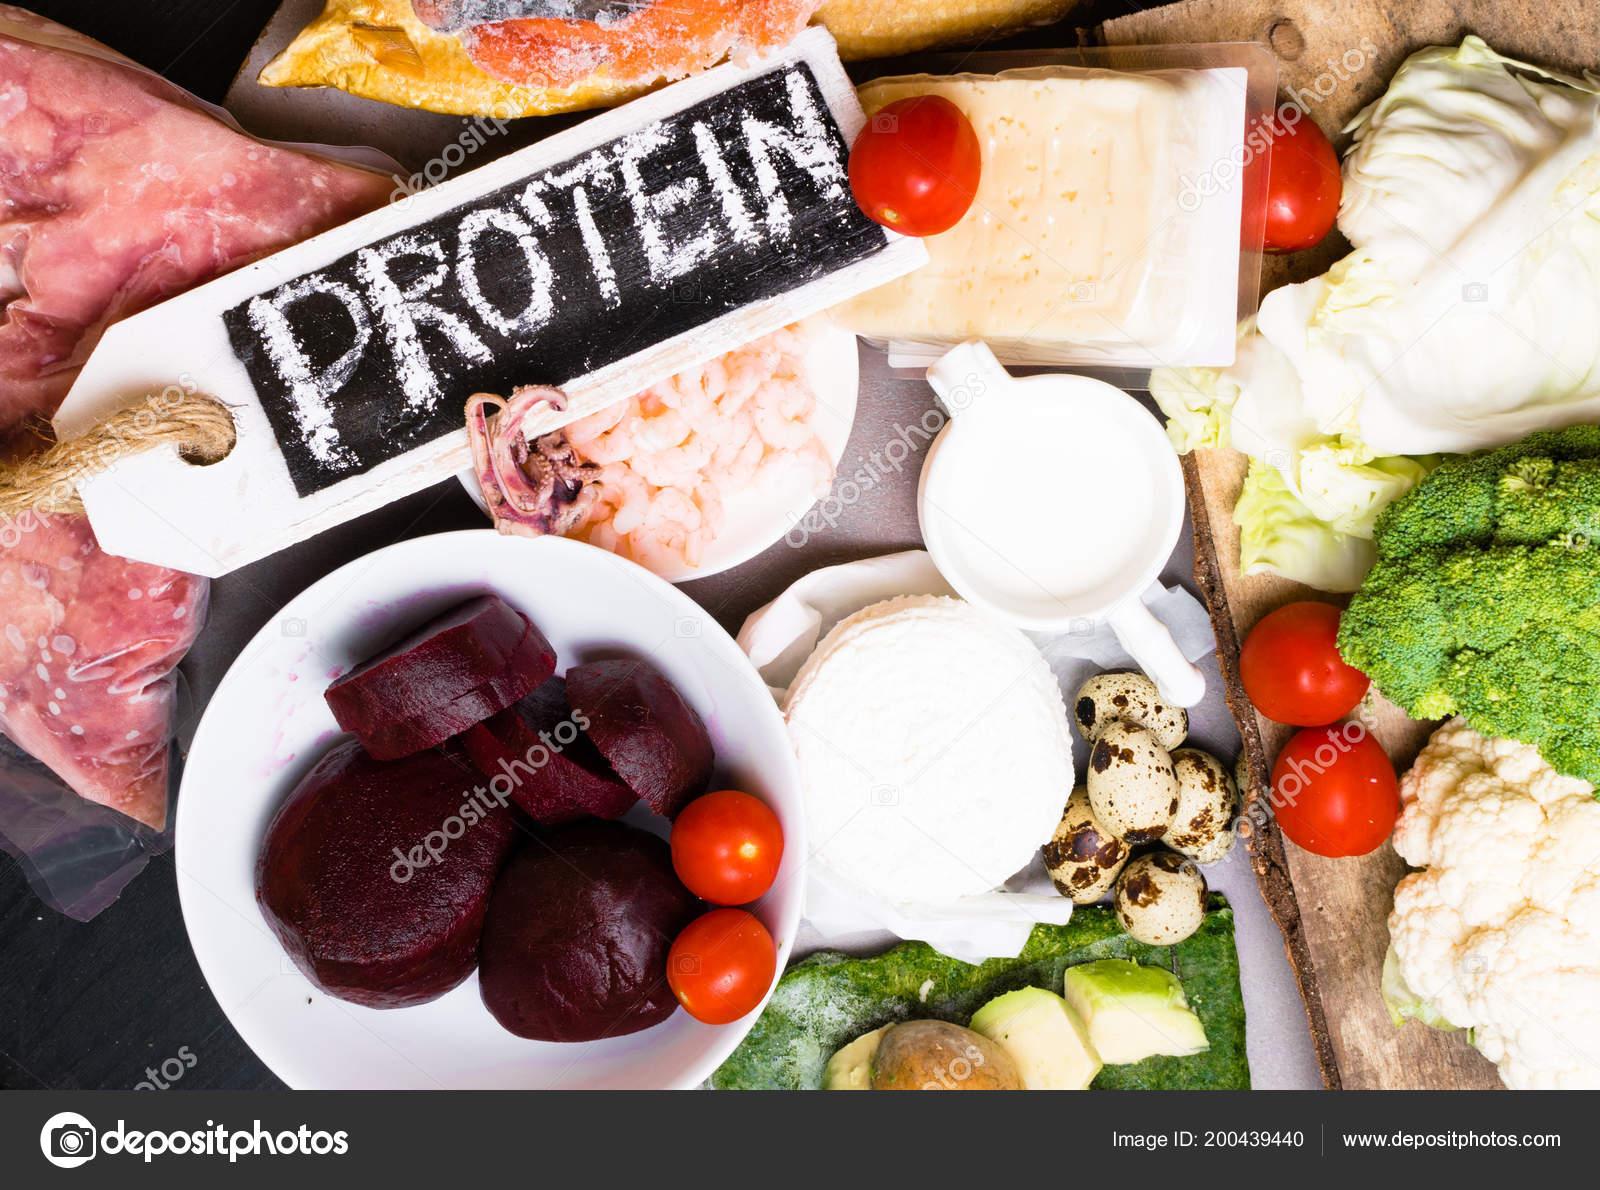 Атомная диета для похудения: отзывы худеющих, результаты. Атомная.